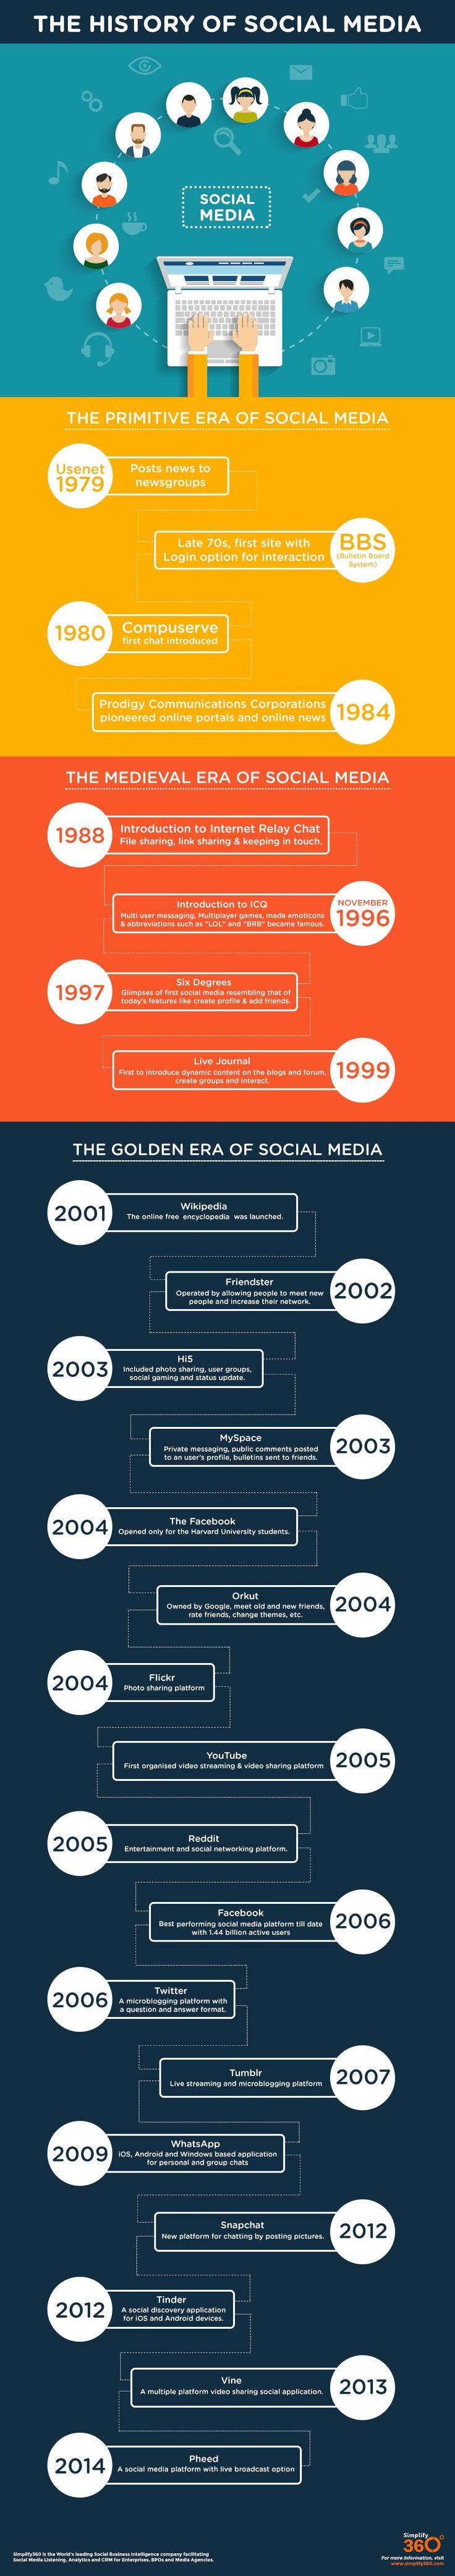 The History of #SocialMedia #Infographic  (Zugegeben, ein paar mehr Bilder wären schick. Aber die Infos sind gut...)